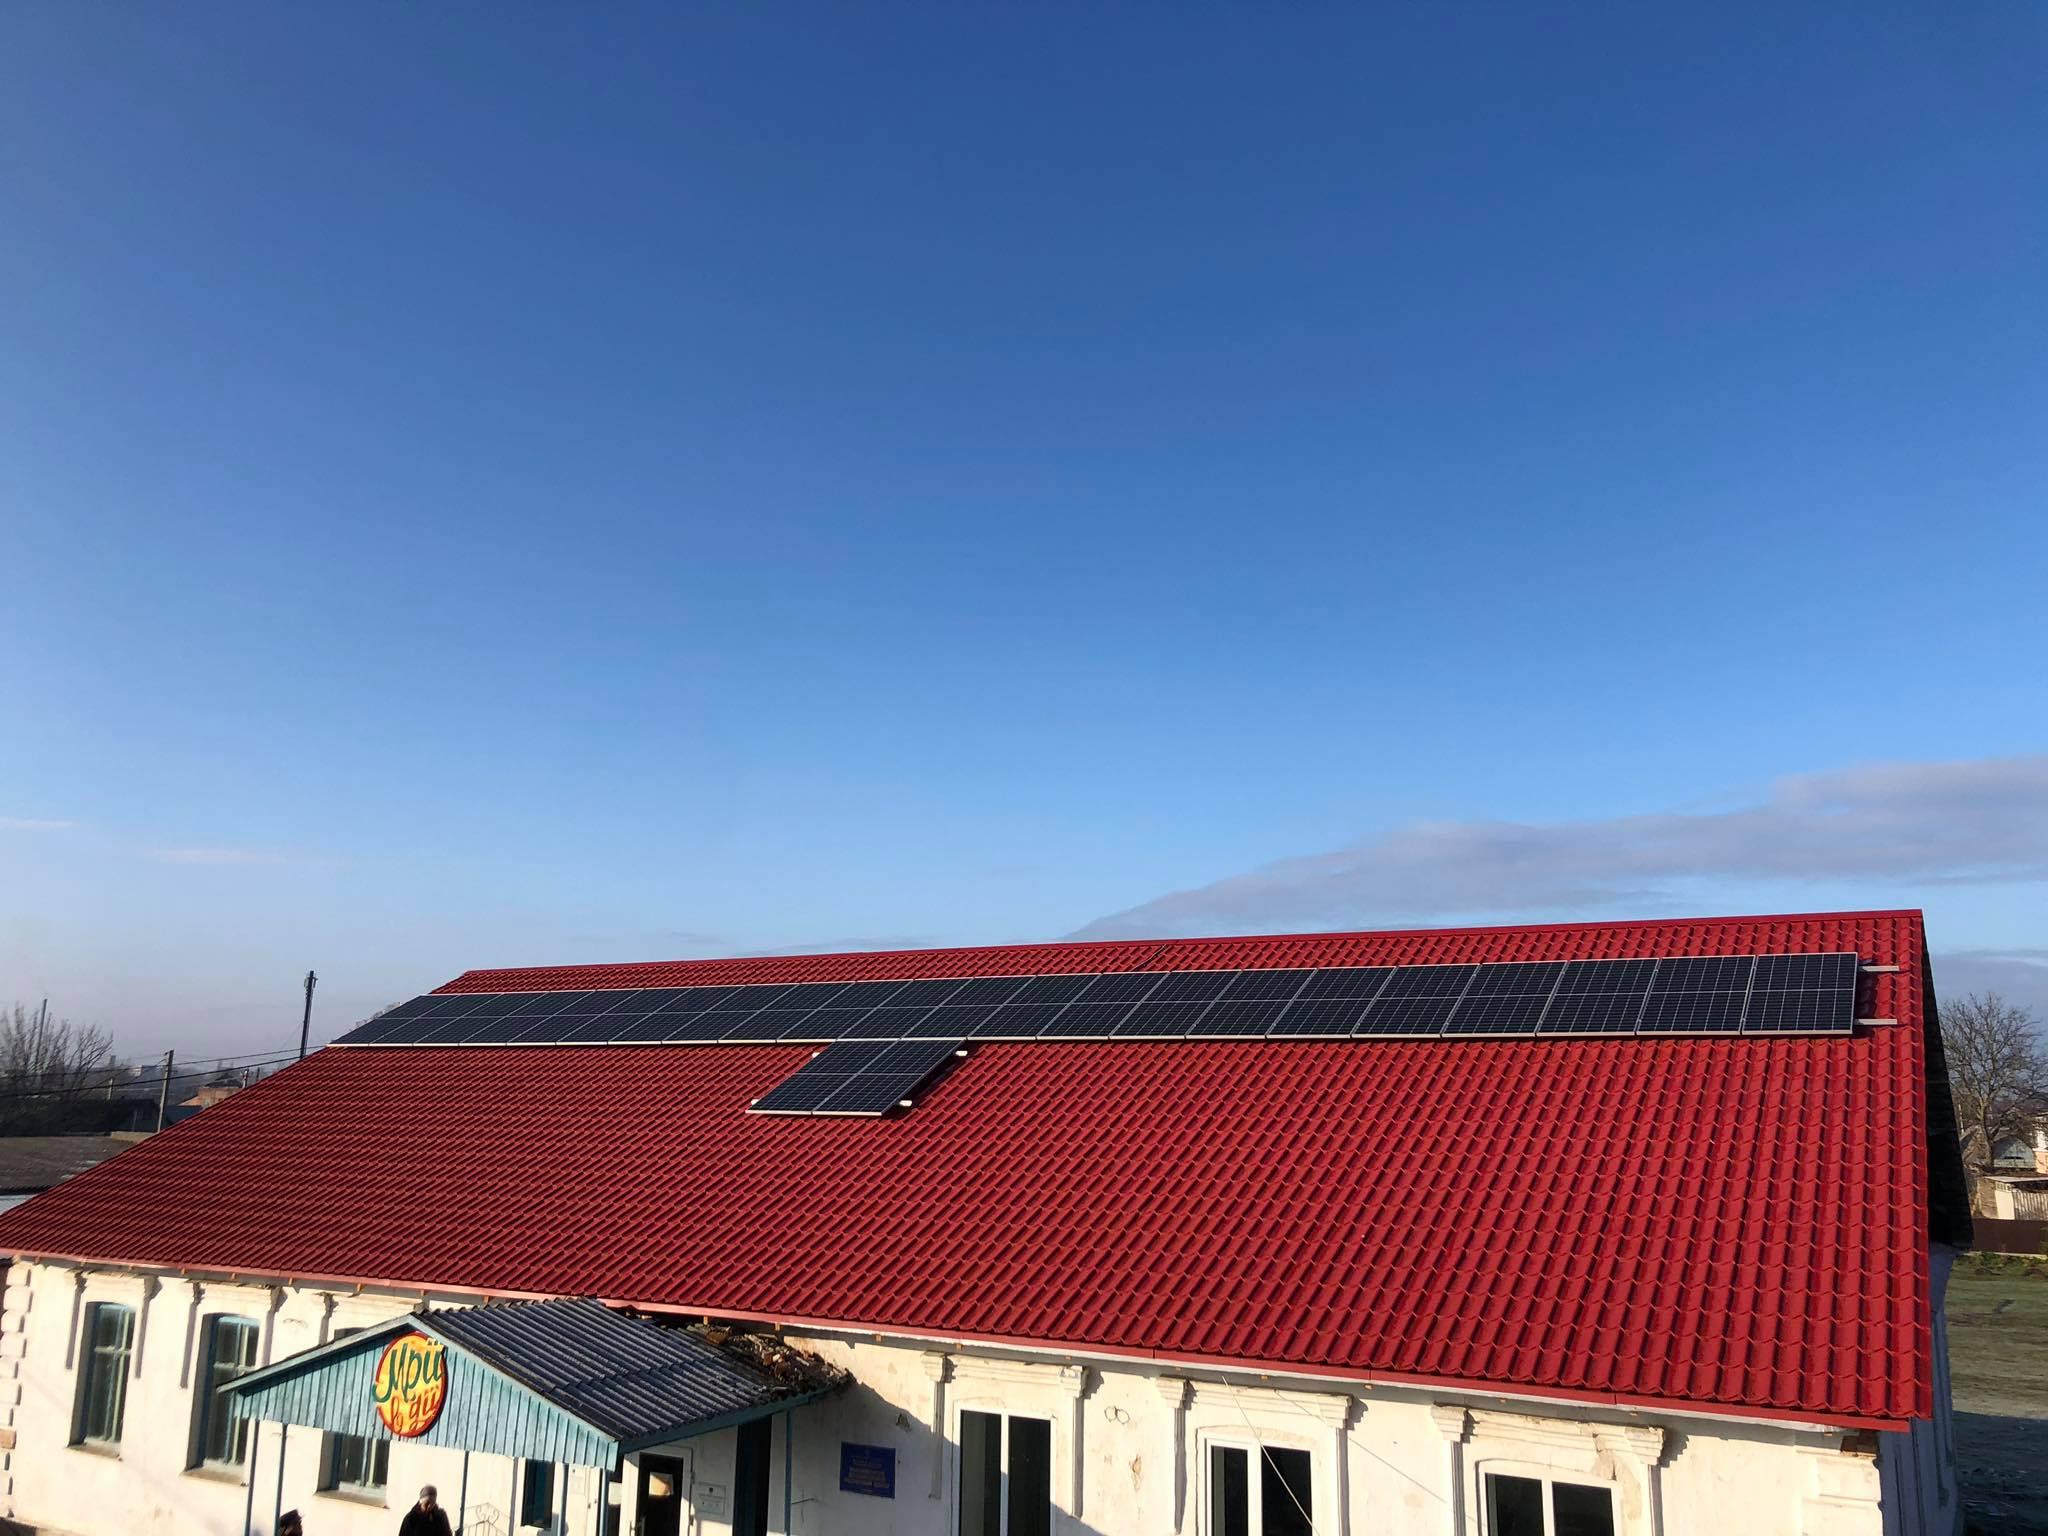 У Баранівці запрацювала сонячна електростанція 10 кВт та центр енергоефективності